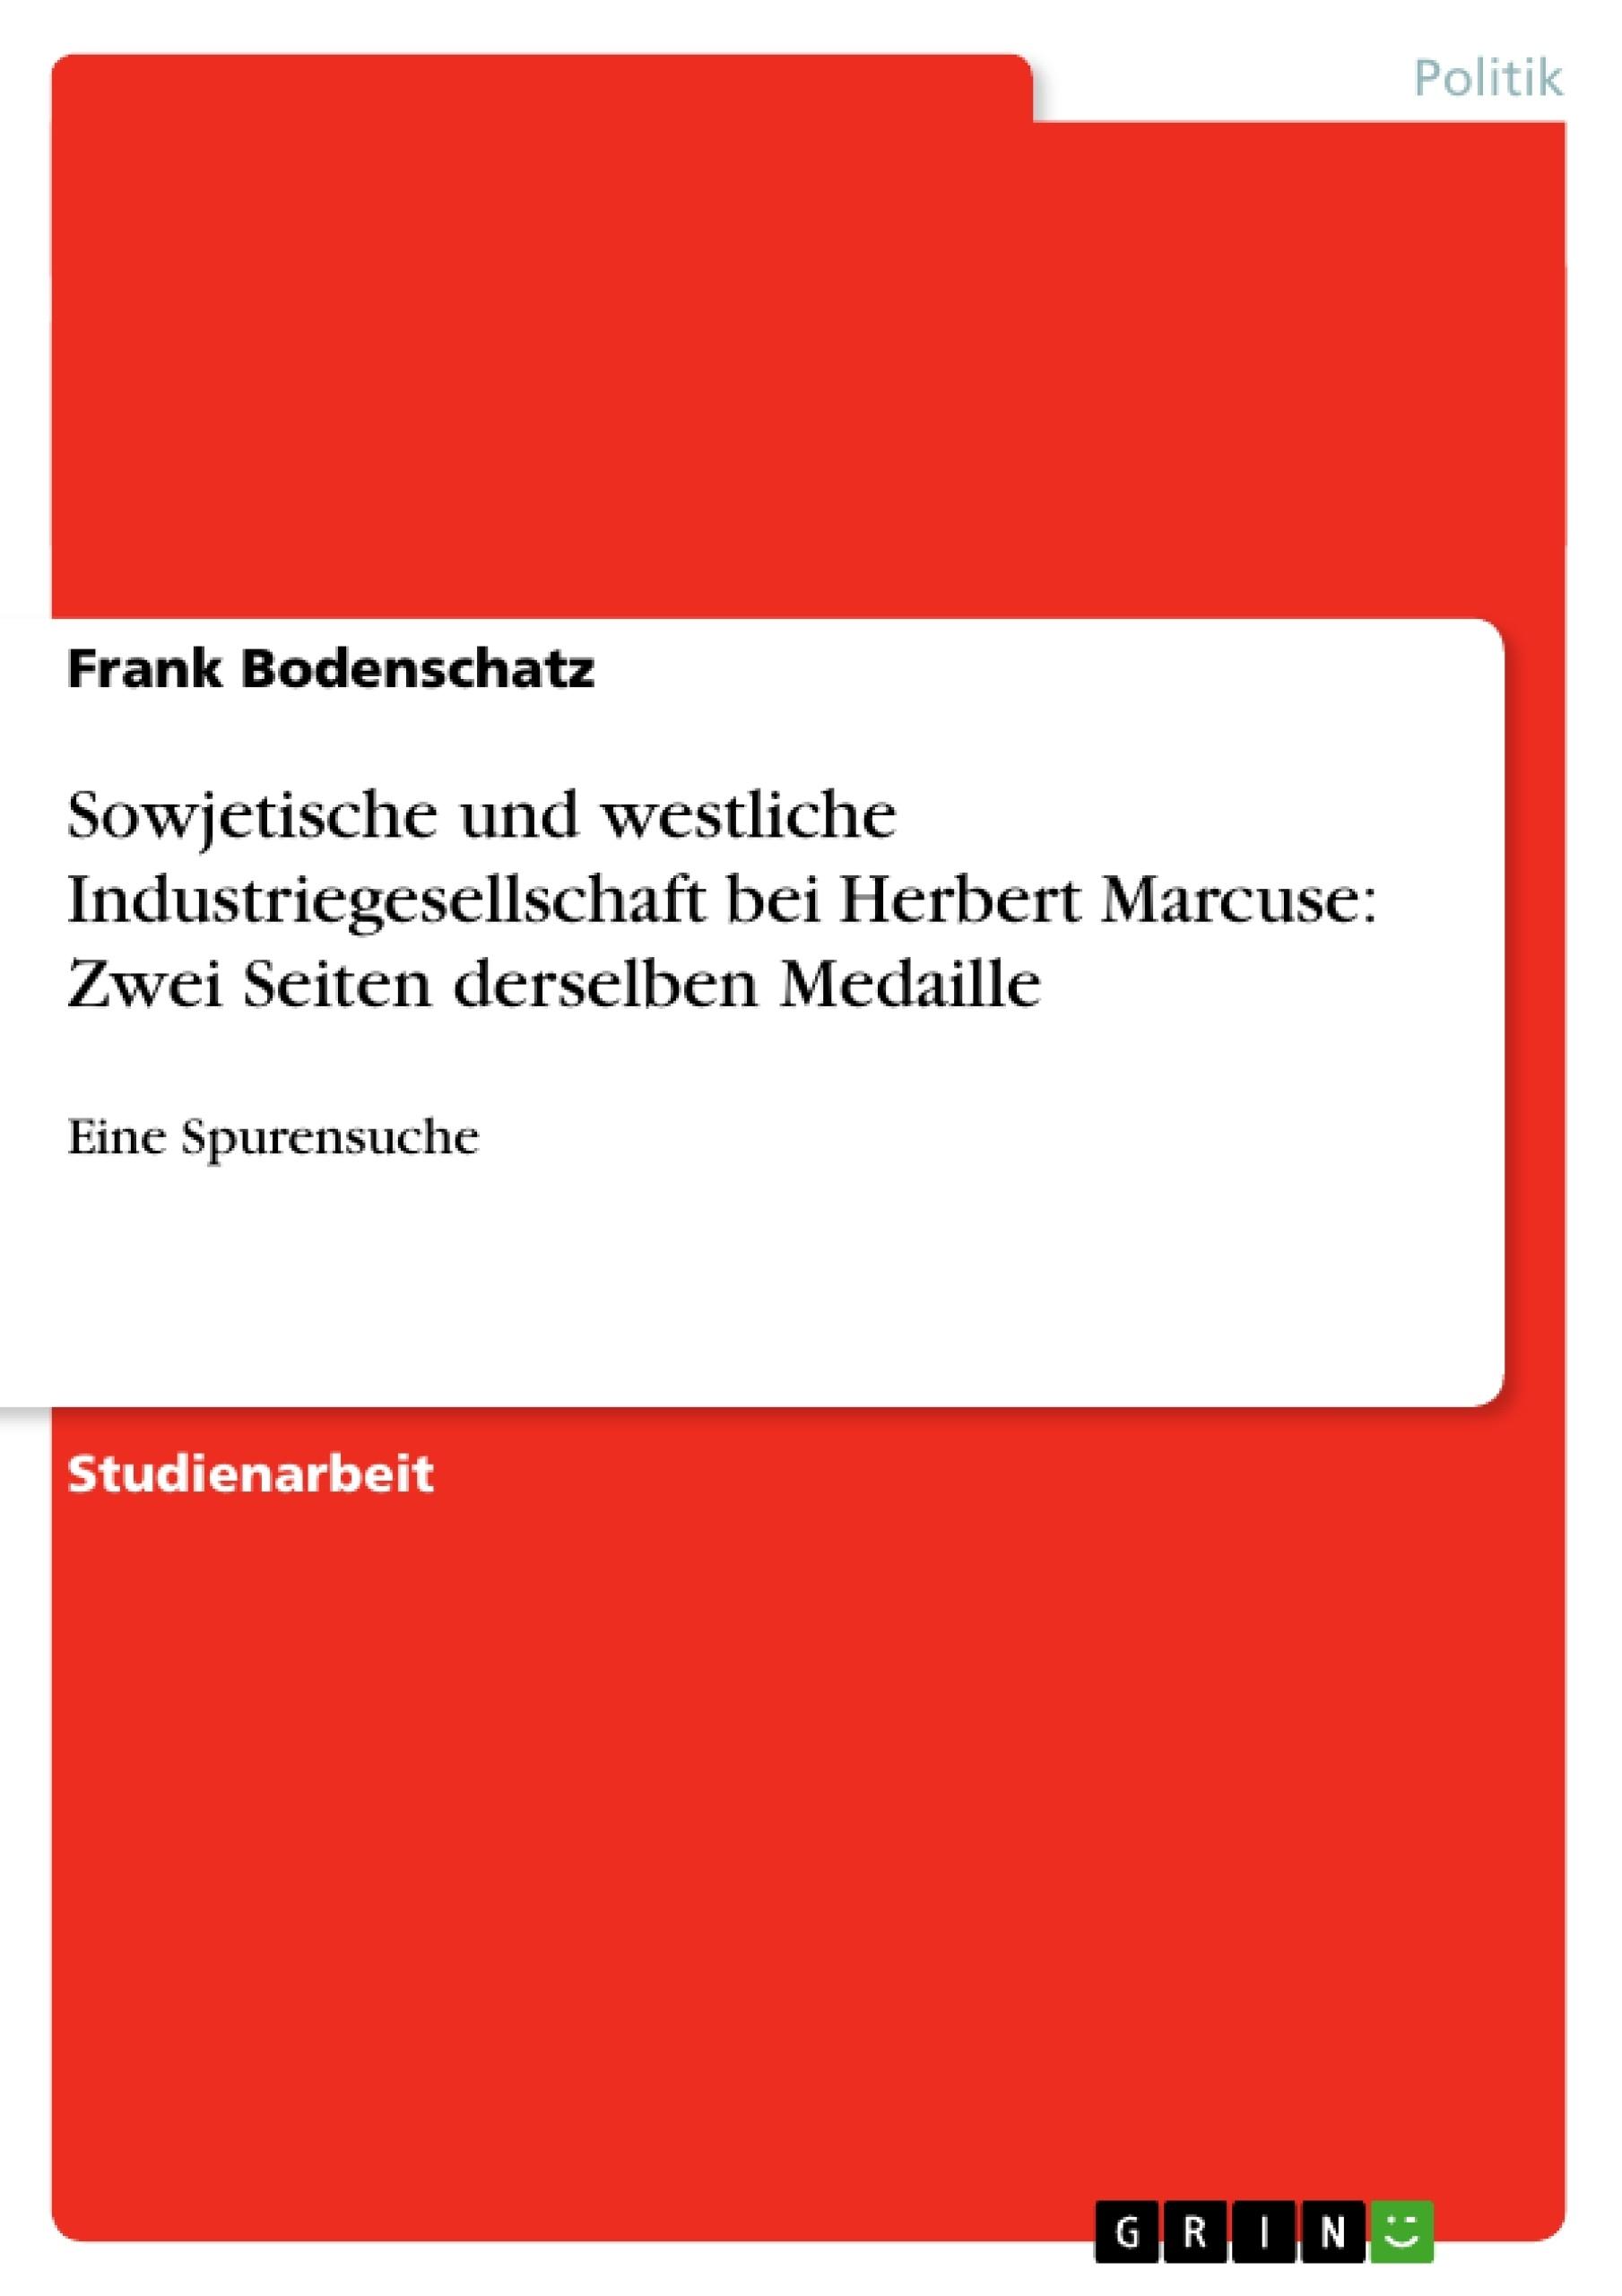 Titel: Sowjetische und westliche Industriegesellschaft bei Herbert Marcuse: Zwei Seiten derselben Medaille